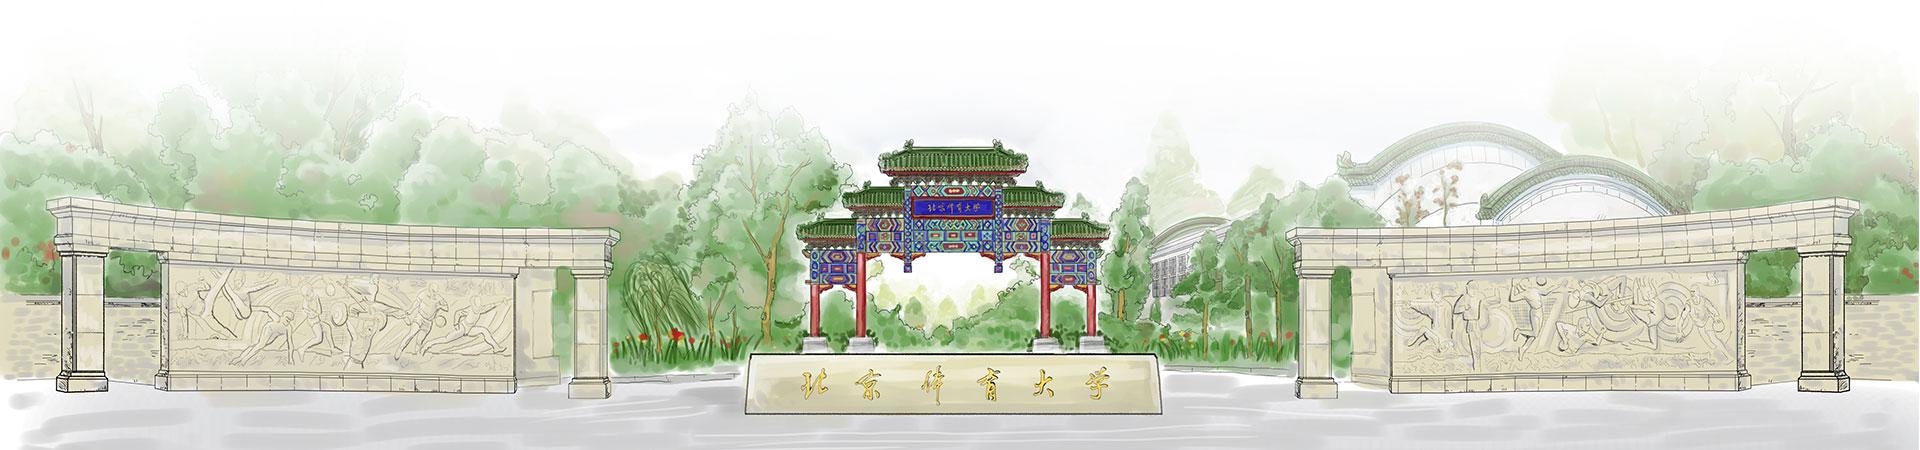 北京体育大学干部培训